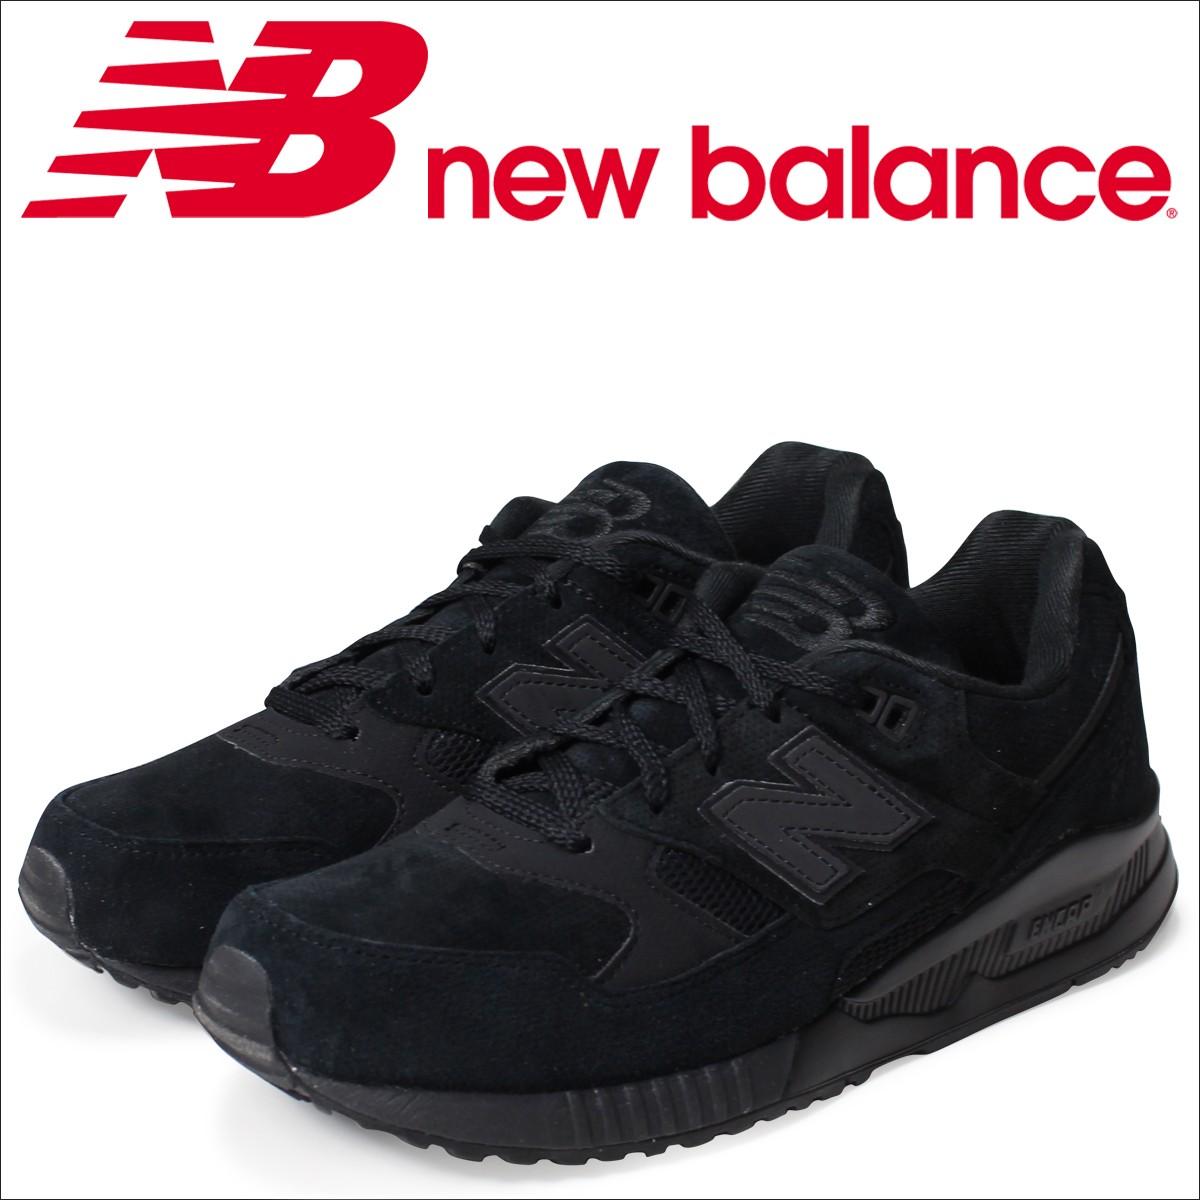 ニューバランス 530 メンズ new balance スニーカー M530AK Dワイズ 靴 ブラック 【CLEARANCE】【返品不可】